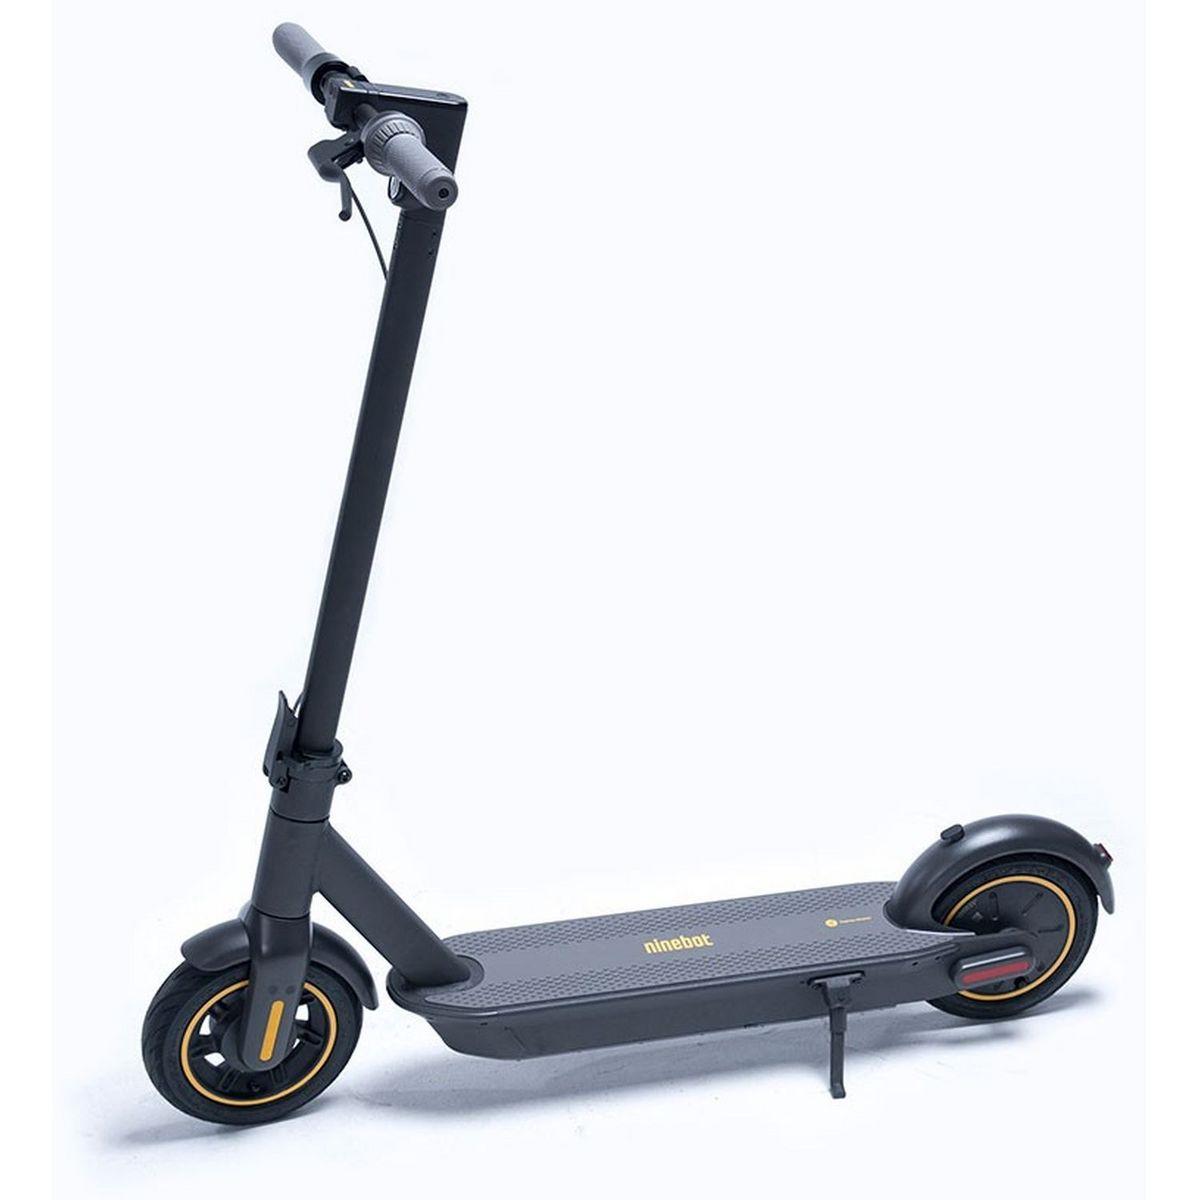 Trottinette électrique KickScooter Max G30 - Gris